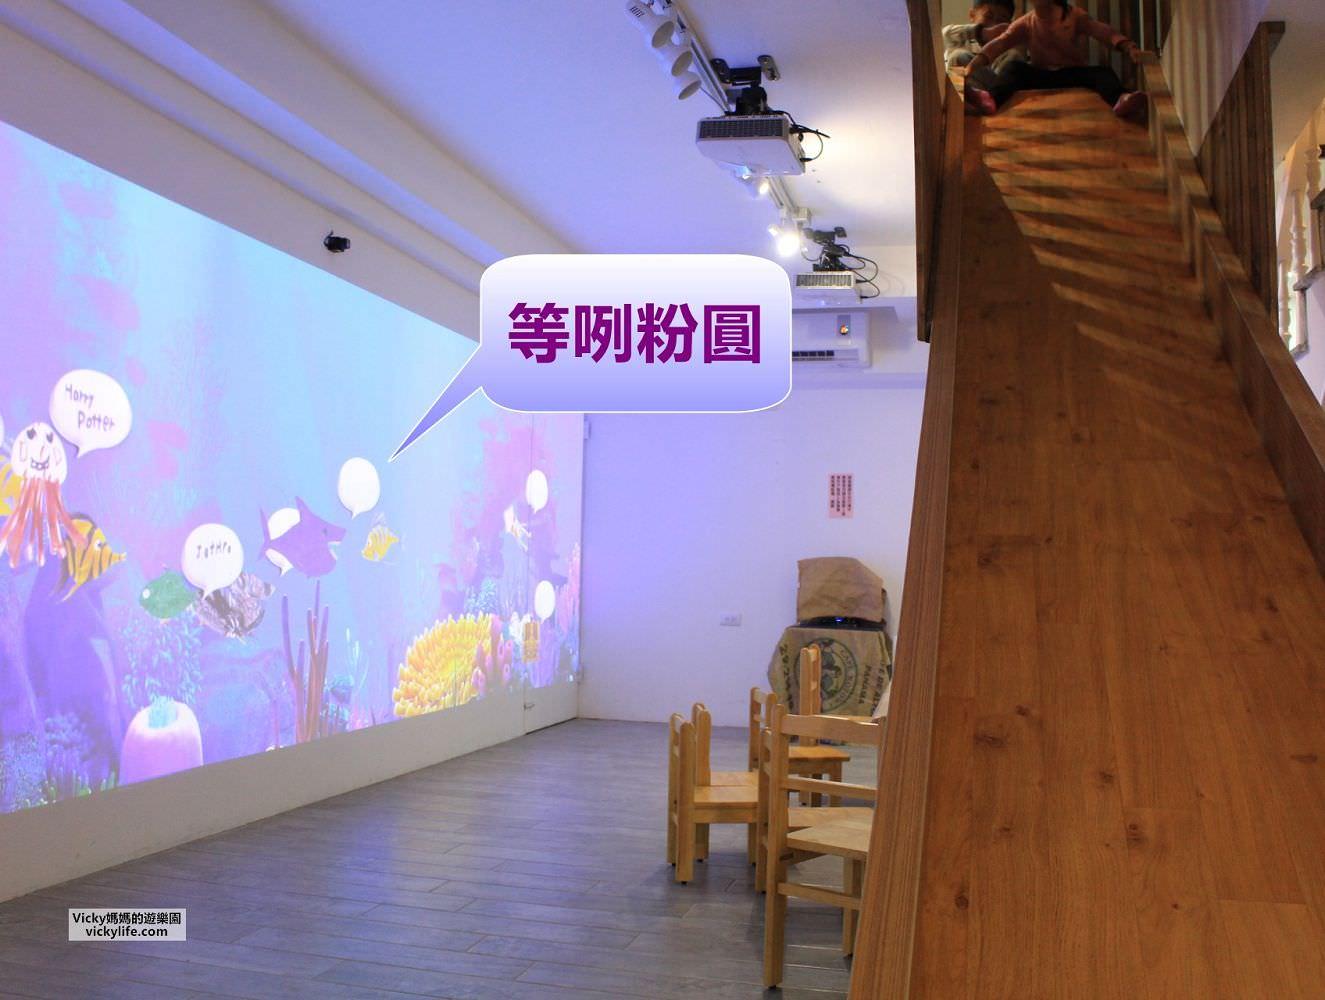 台南美食︱親子景點等咧粉圓:海底世界、實境互動遊戲,還有一層樓高的溜滑梯,享用等咧粉圓也享受親子樂趣